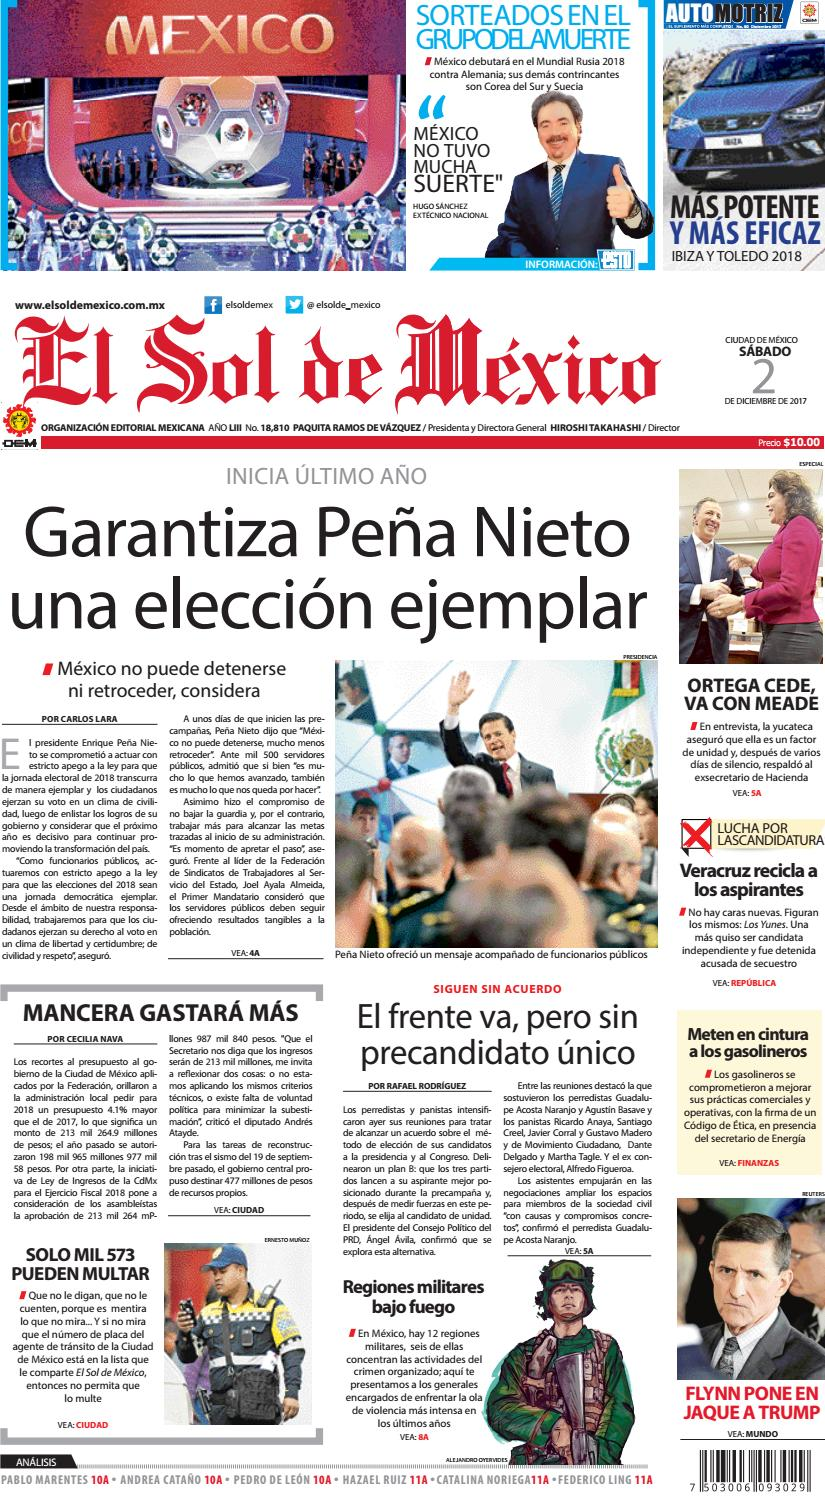 El Sol de México 2 de Diciembre by El Sol de México - issuu e0a1d9fef85